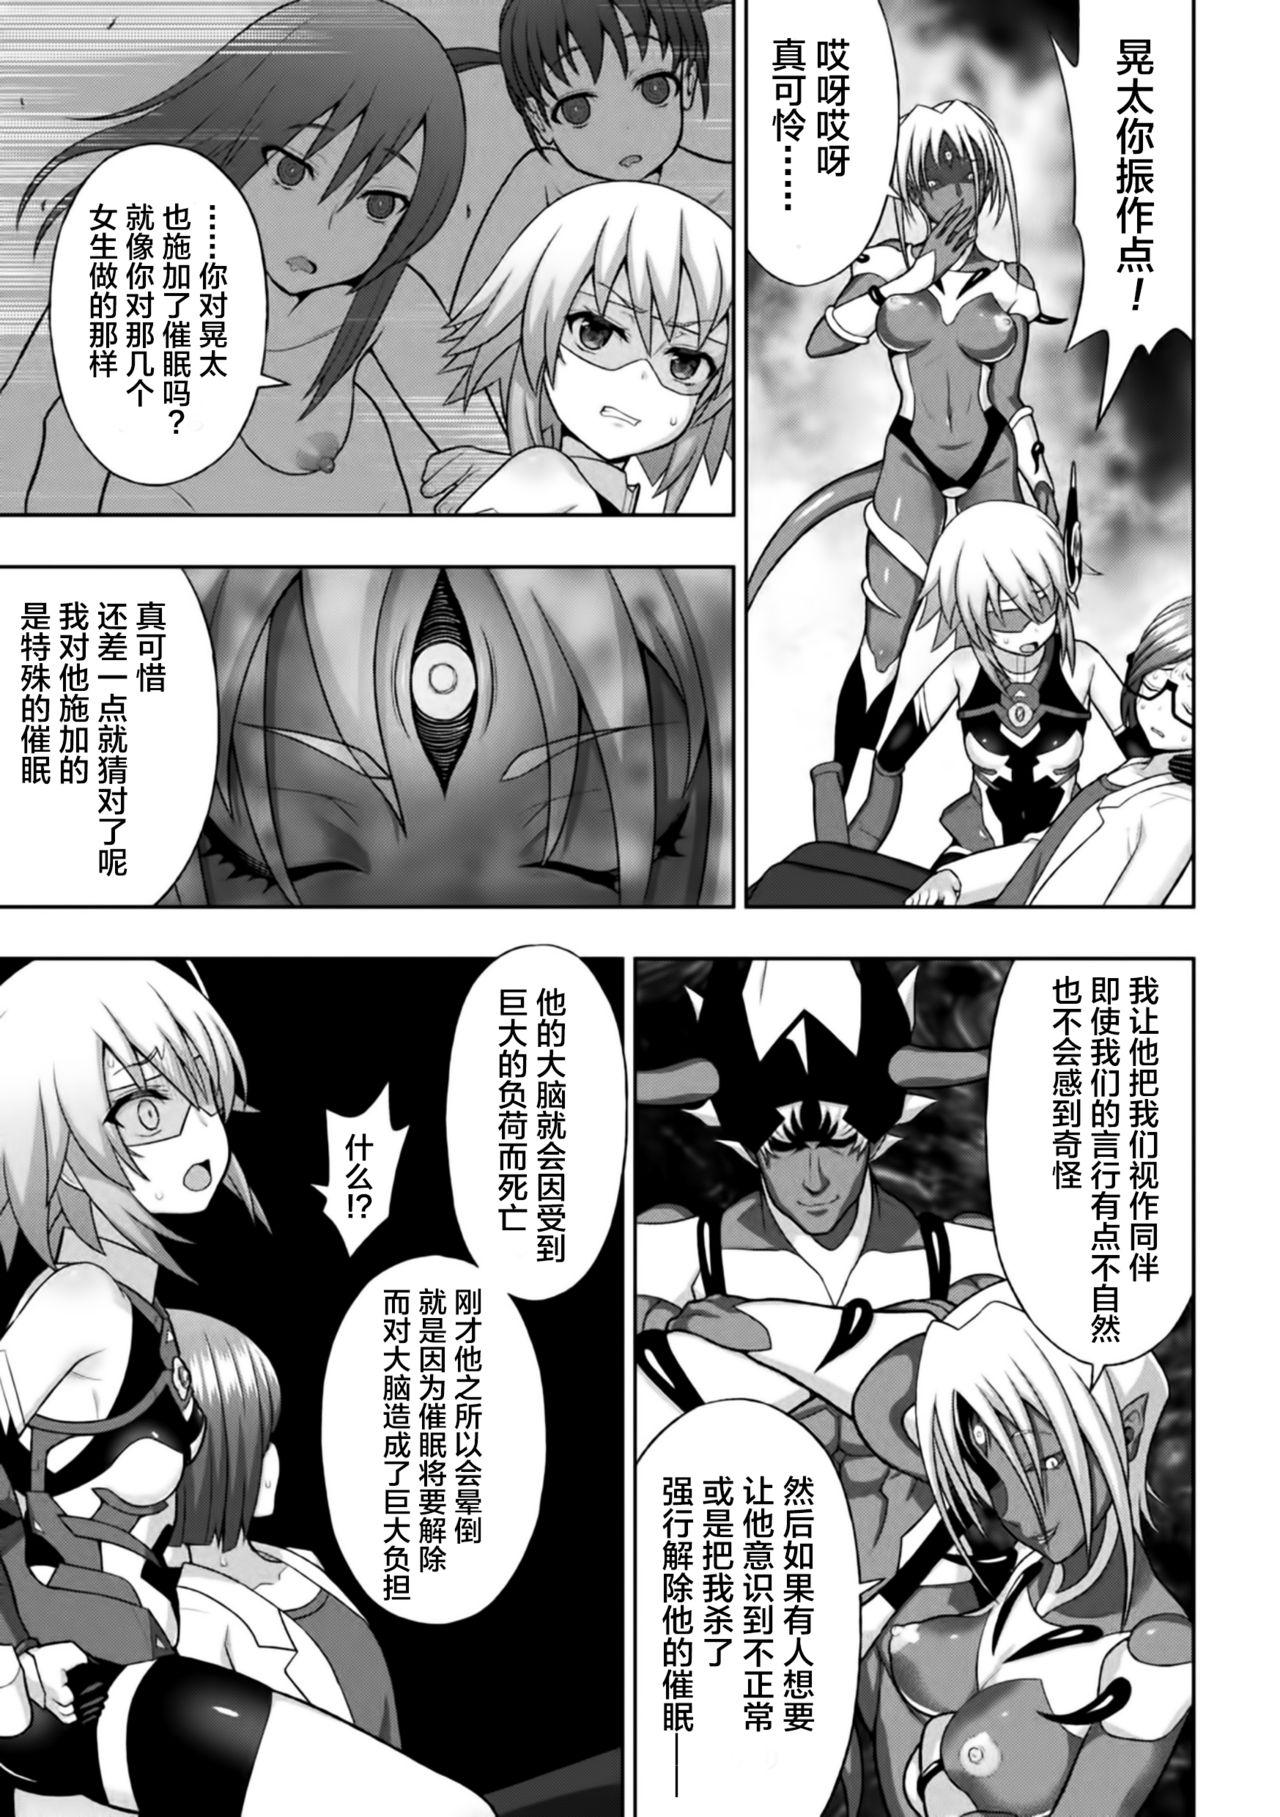 煌装閃姫クリスティア ch.1-2 26